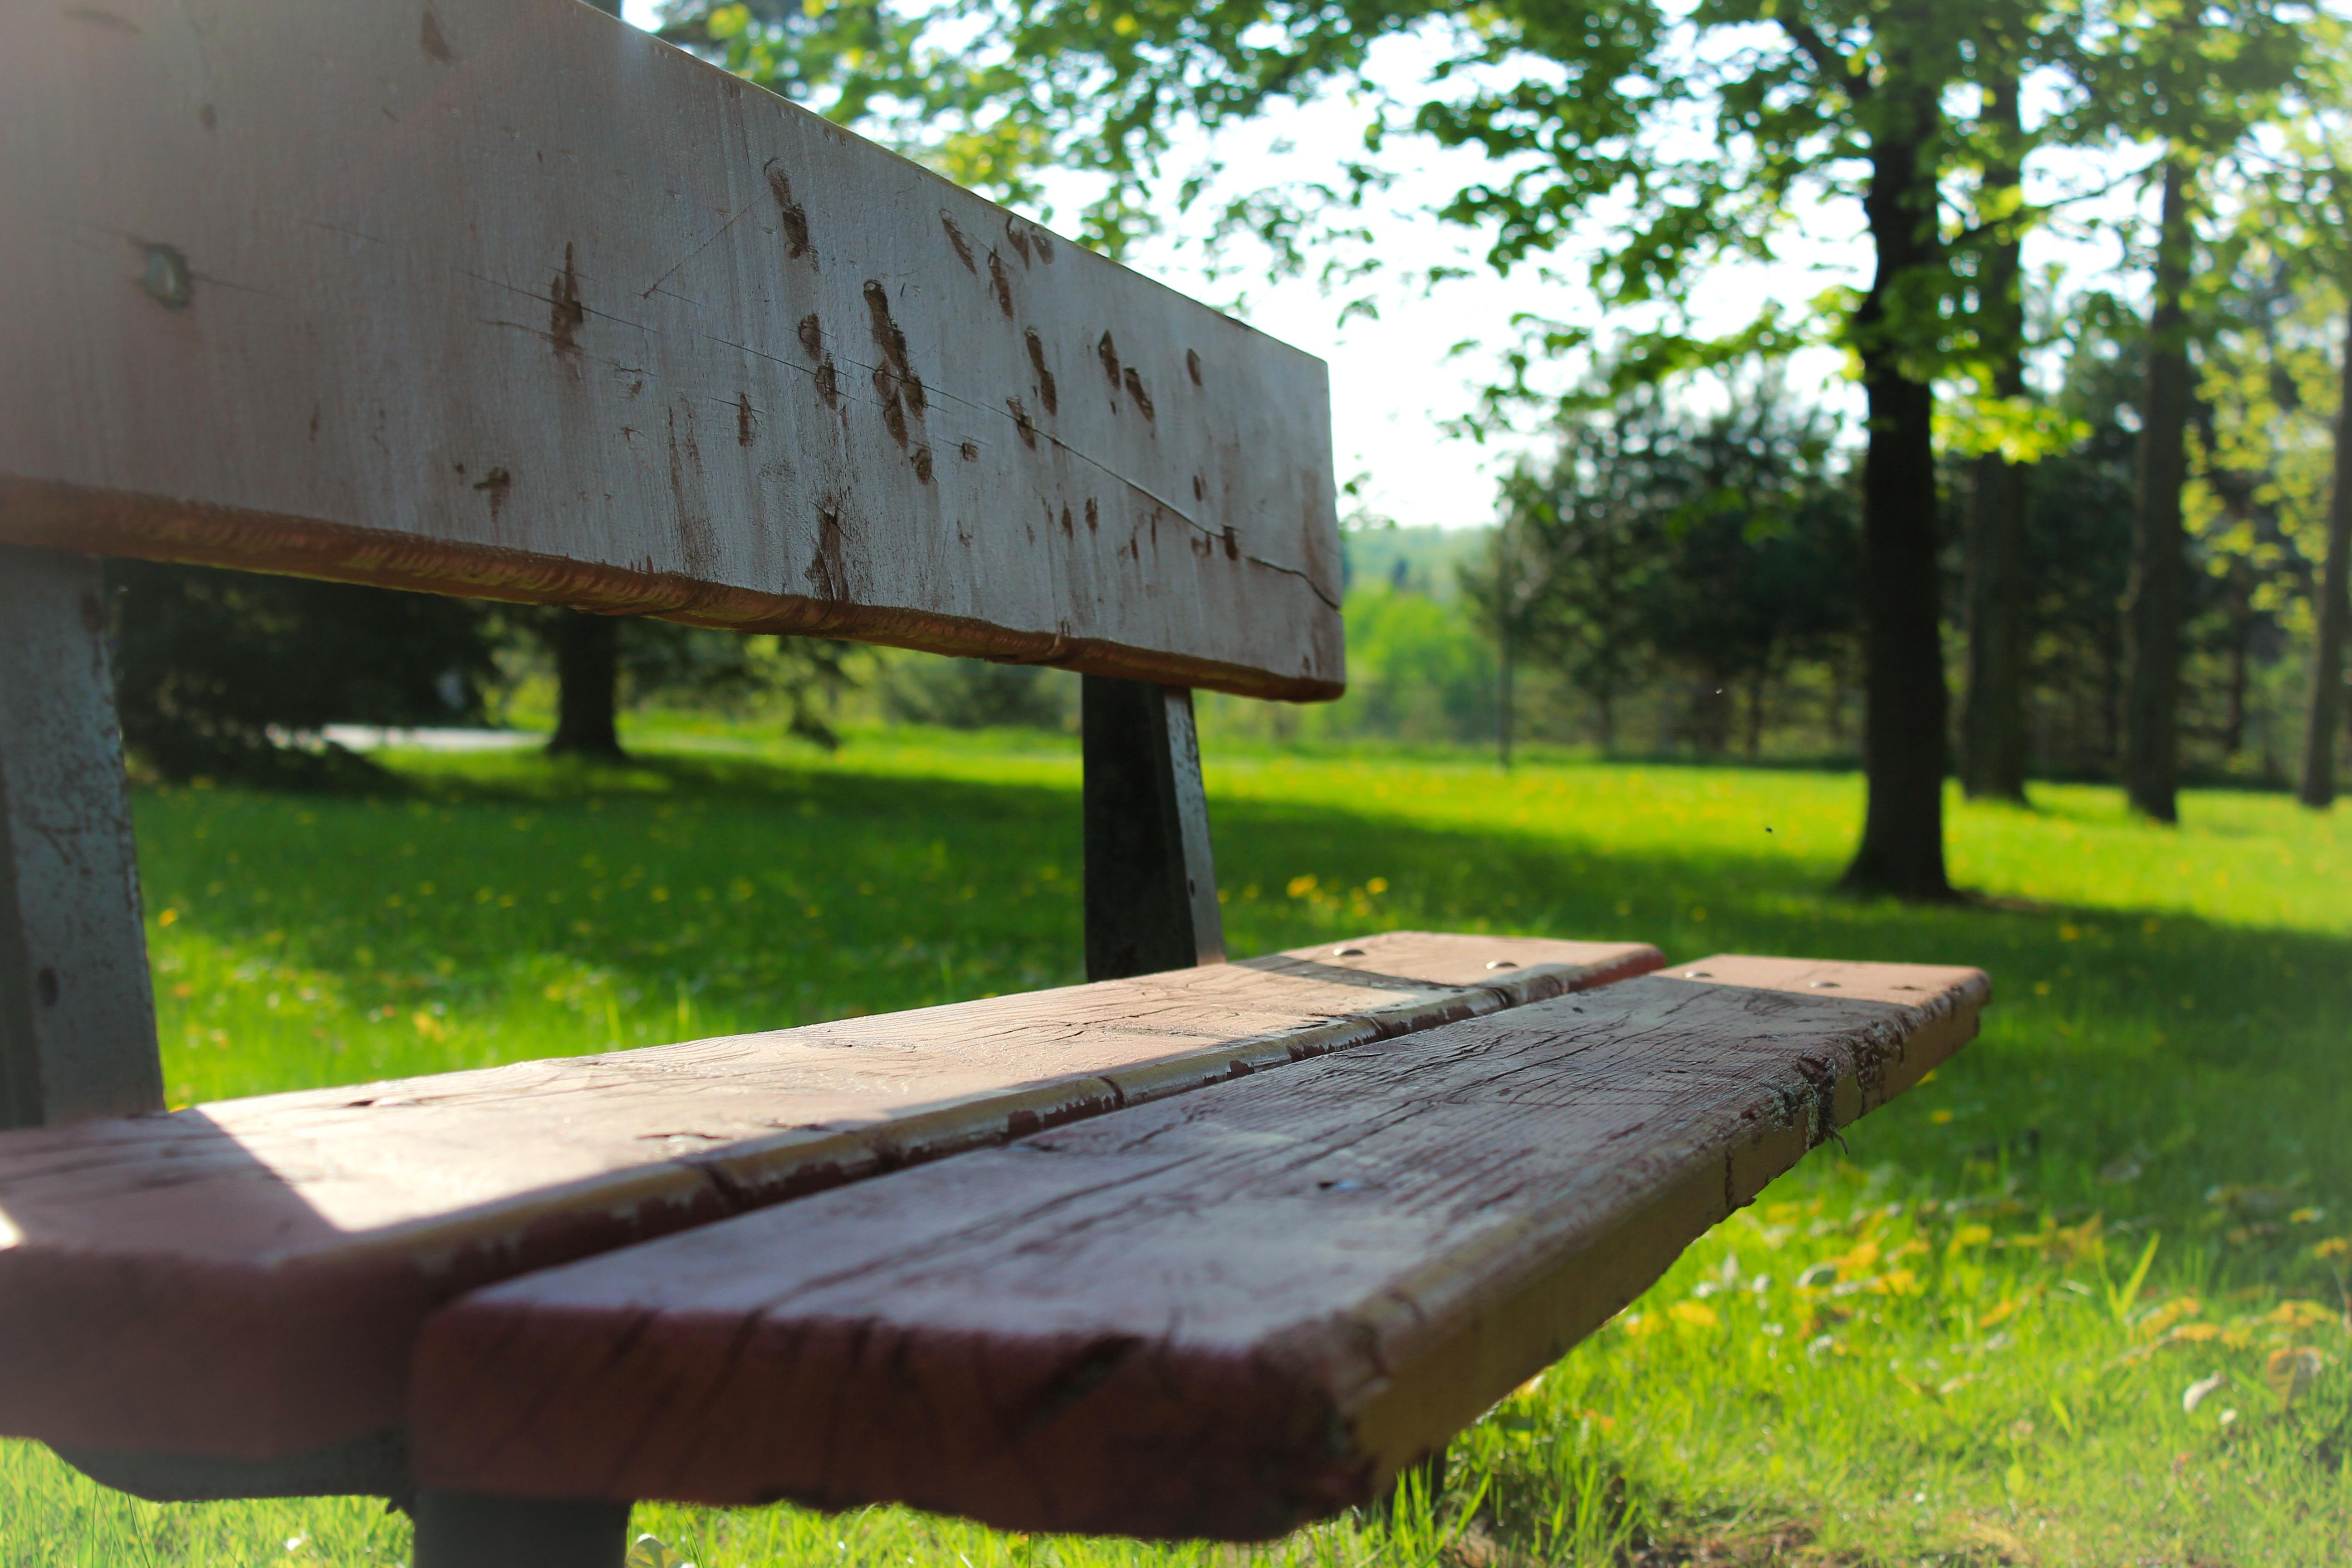 Fotos gratis : mesa, madera, banco, verde, parque, descanso, mueble ...